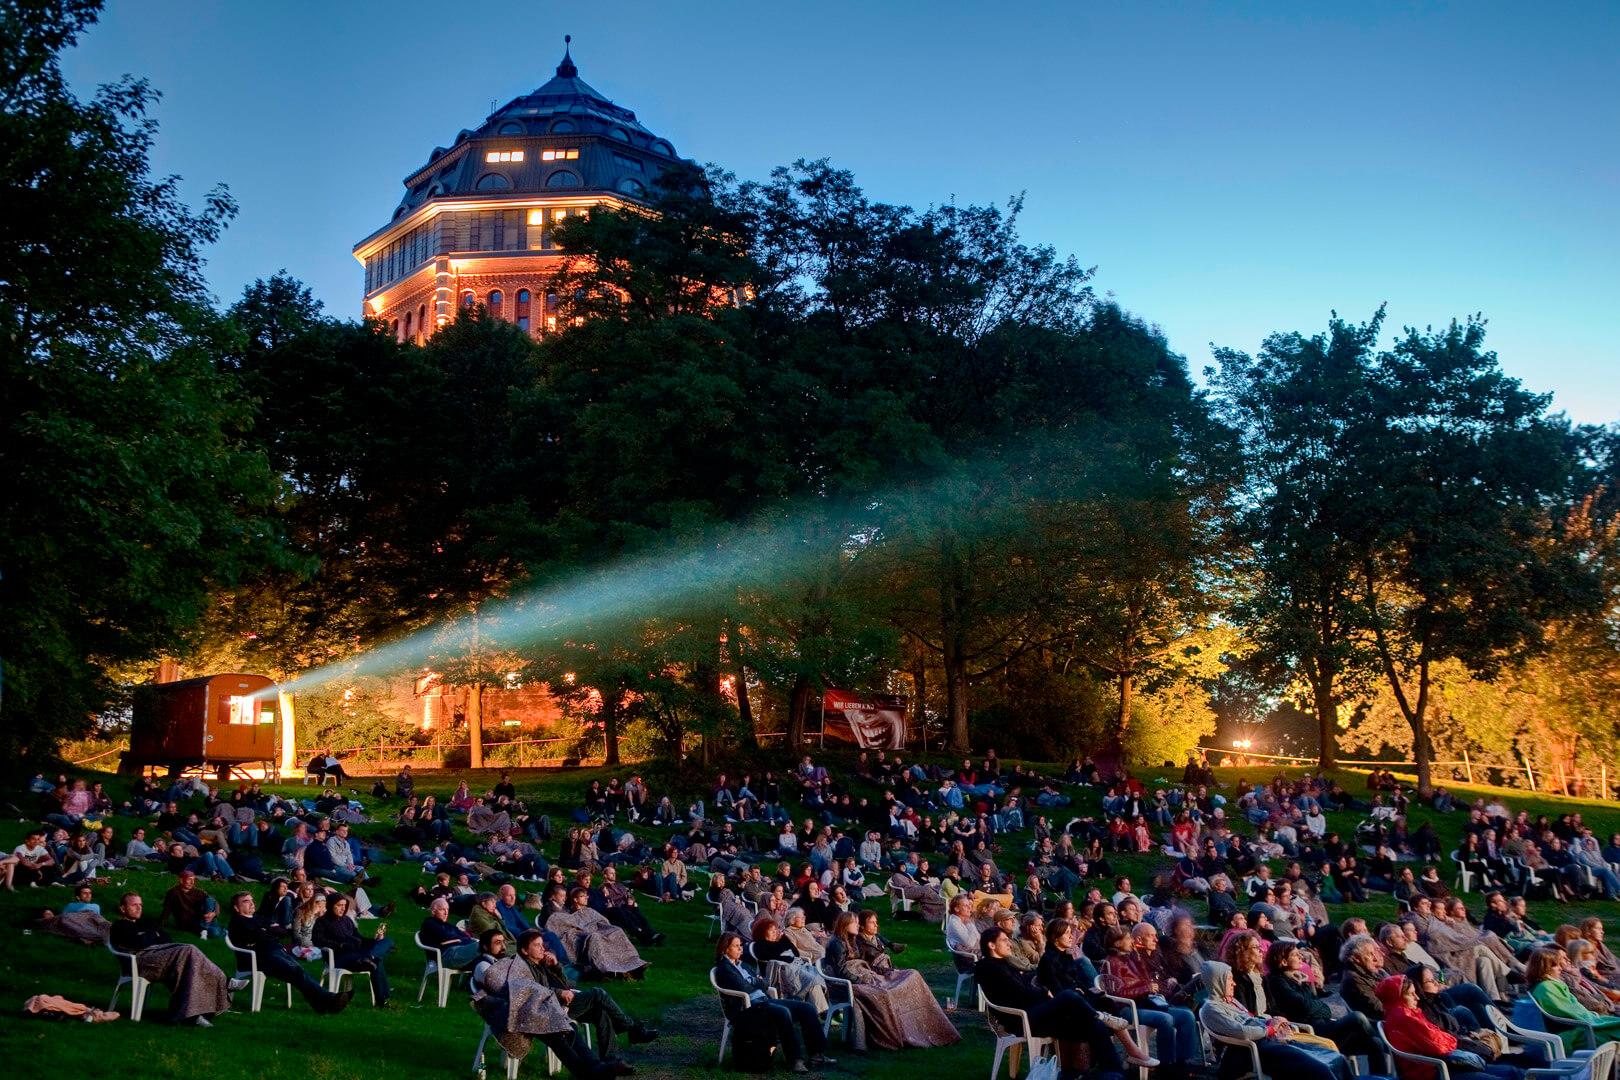 Openair Kino im Schanzenpark